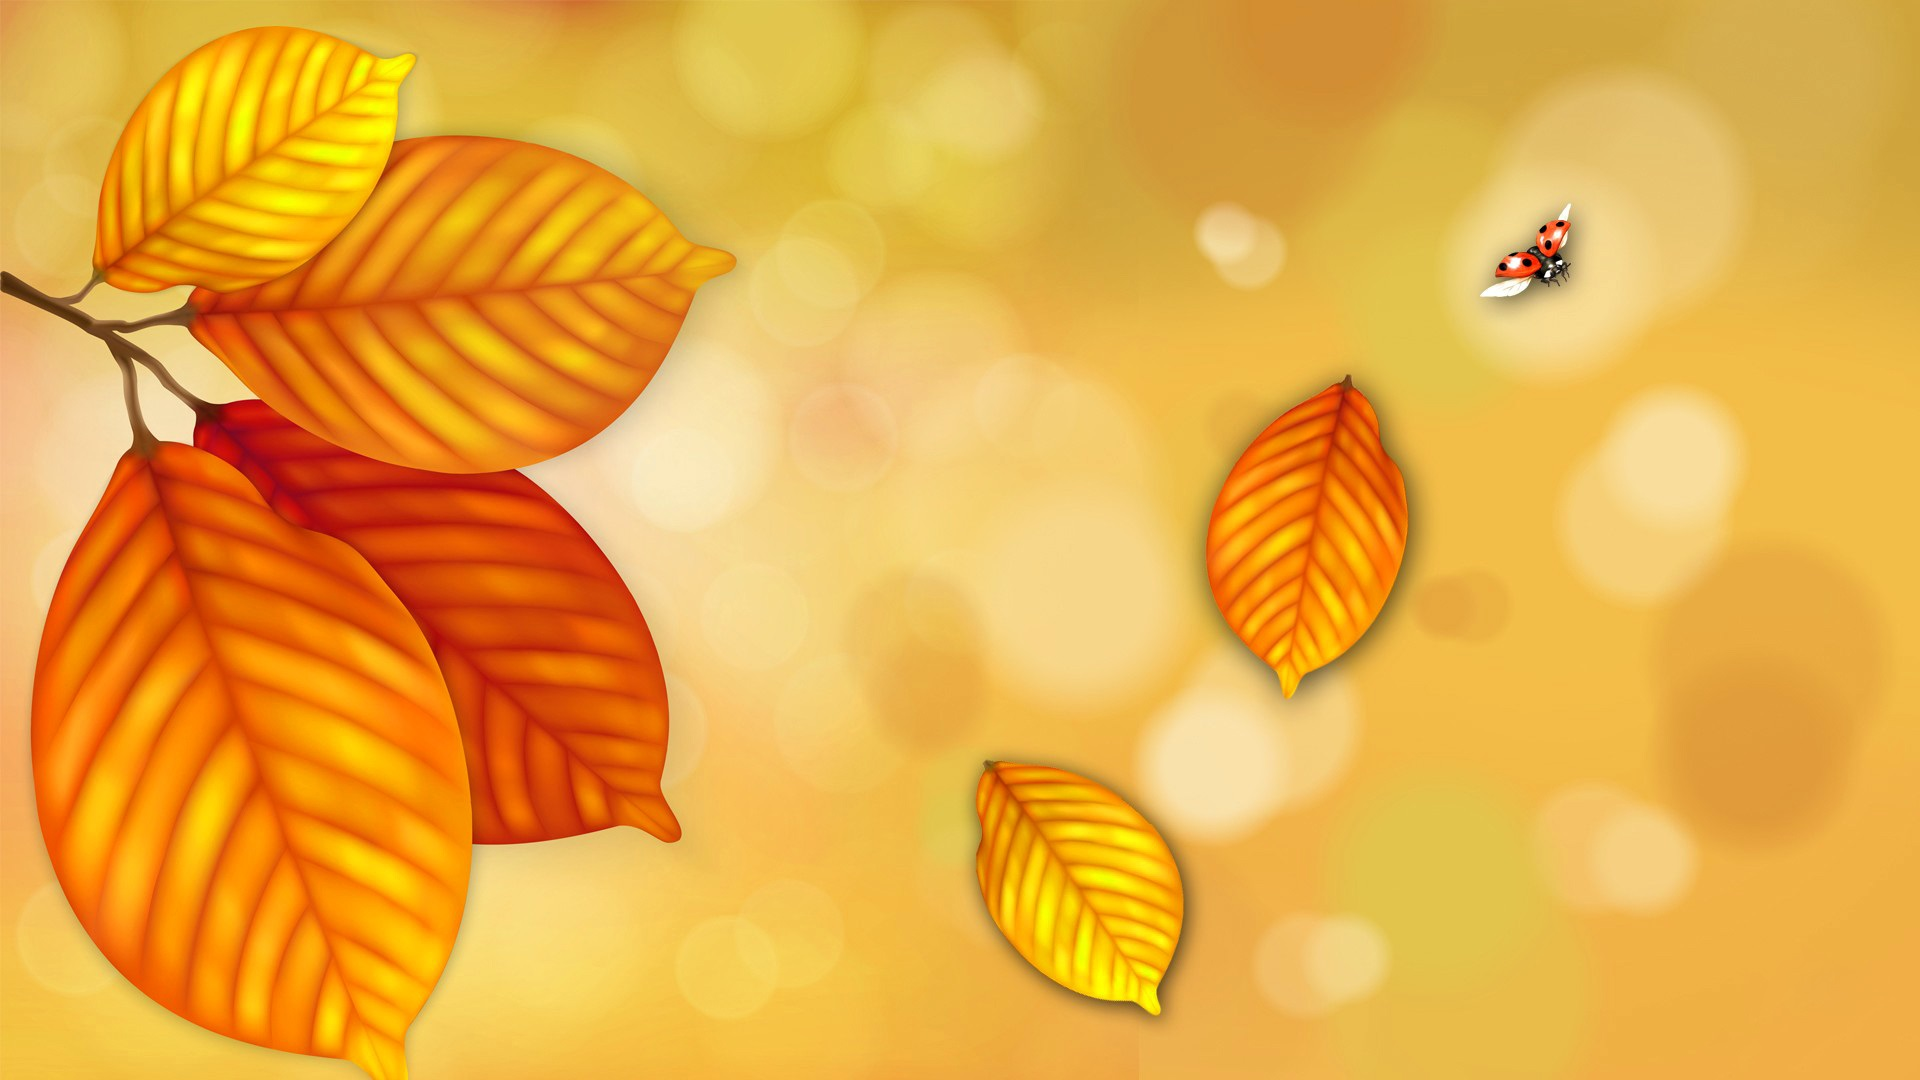 столы обои желтые листья ждали киногероя, что